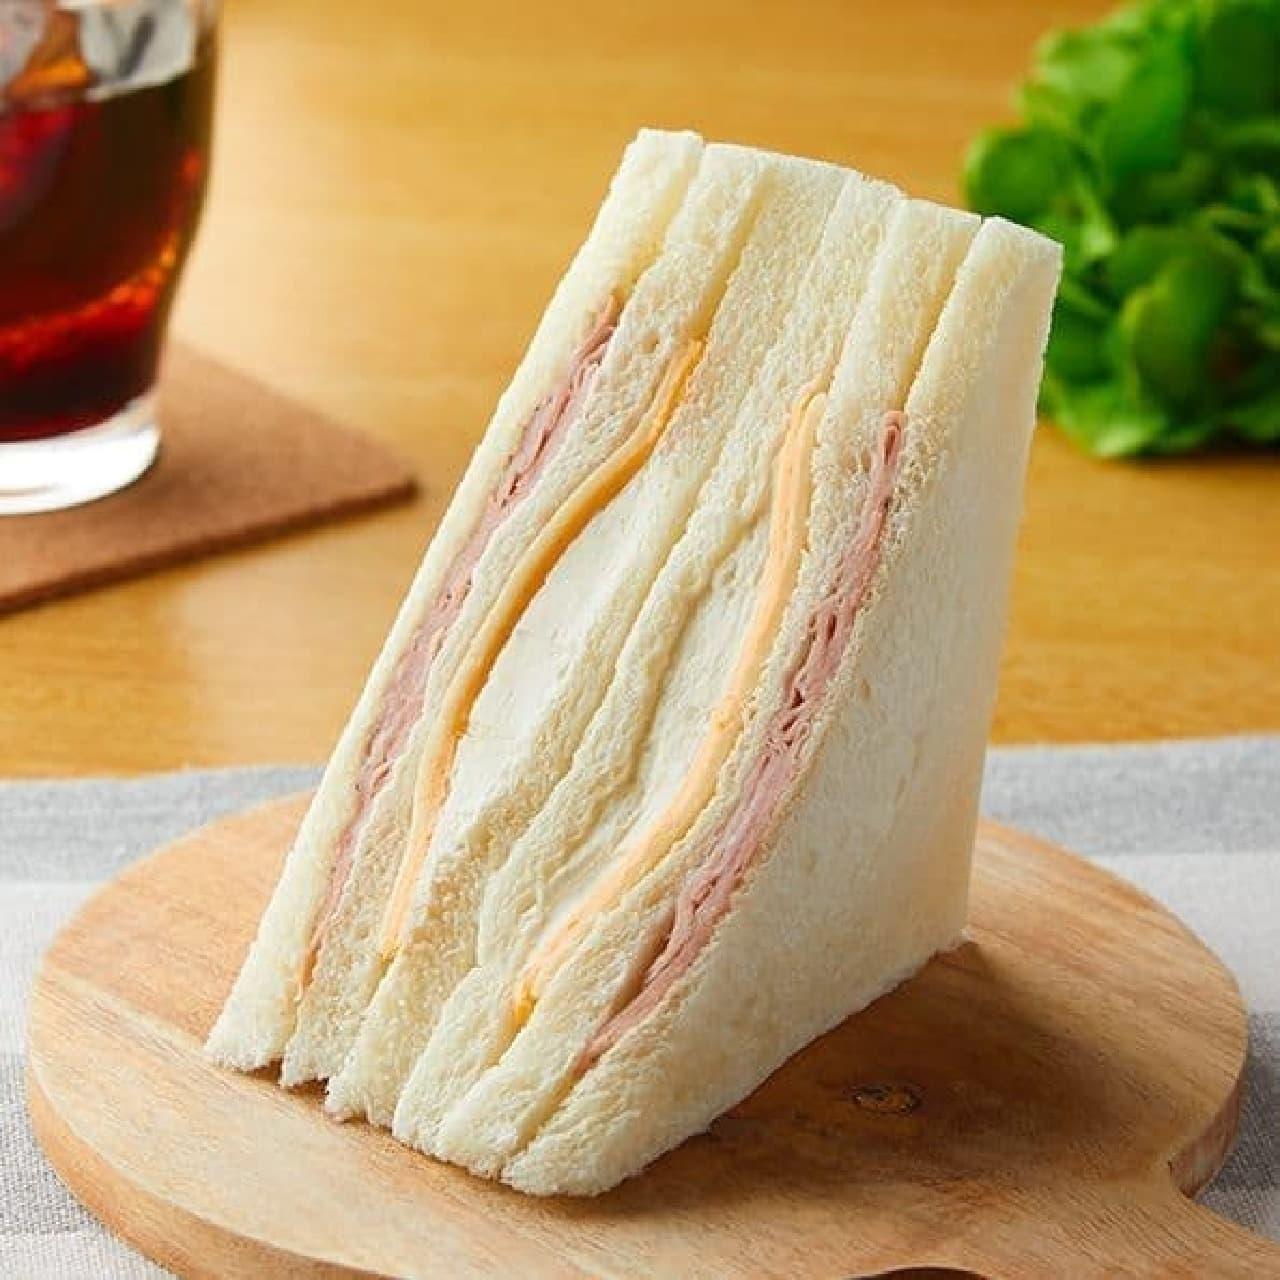 ファミリーマート「3種のチーズのサンド」